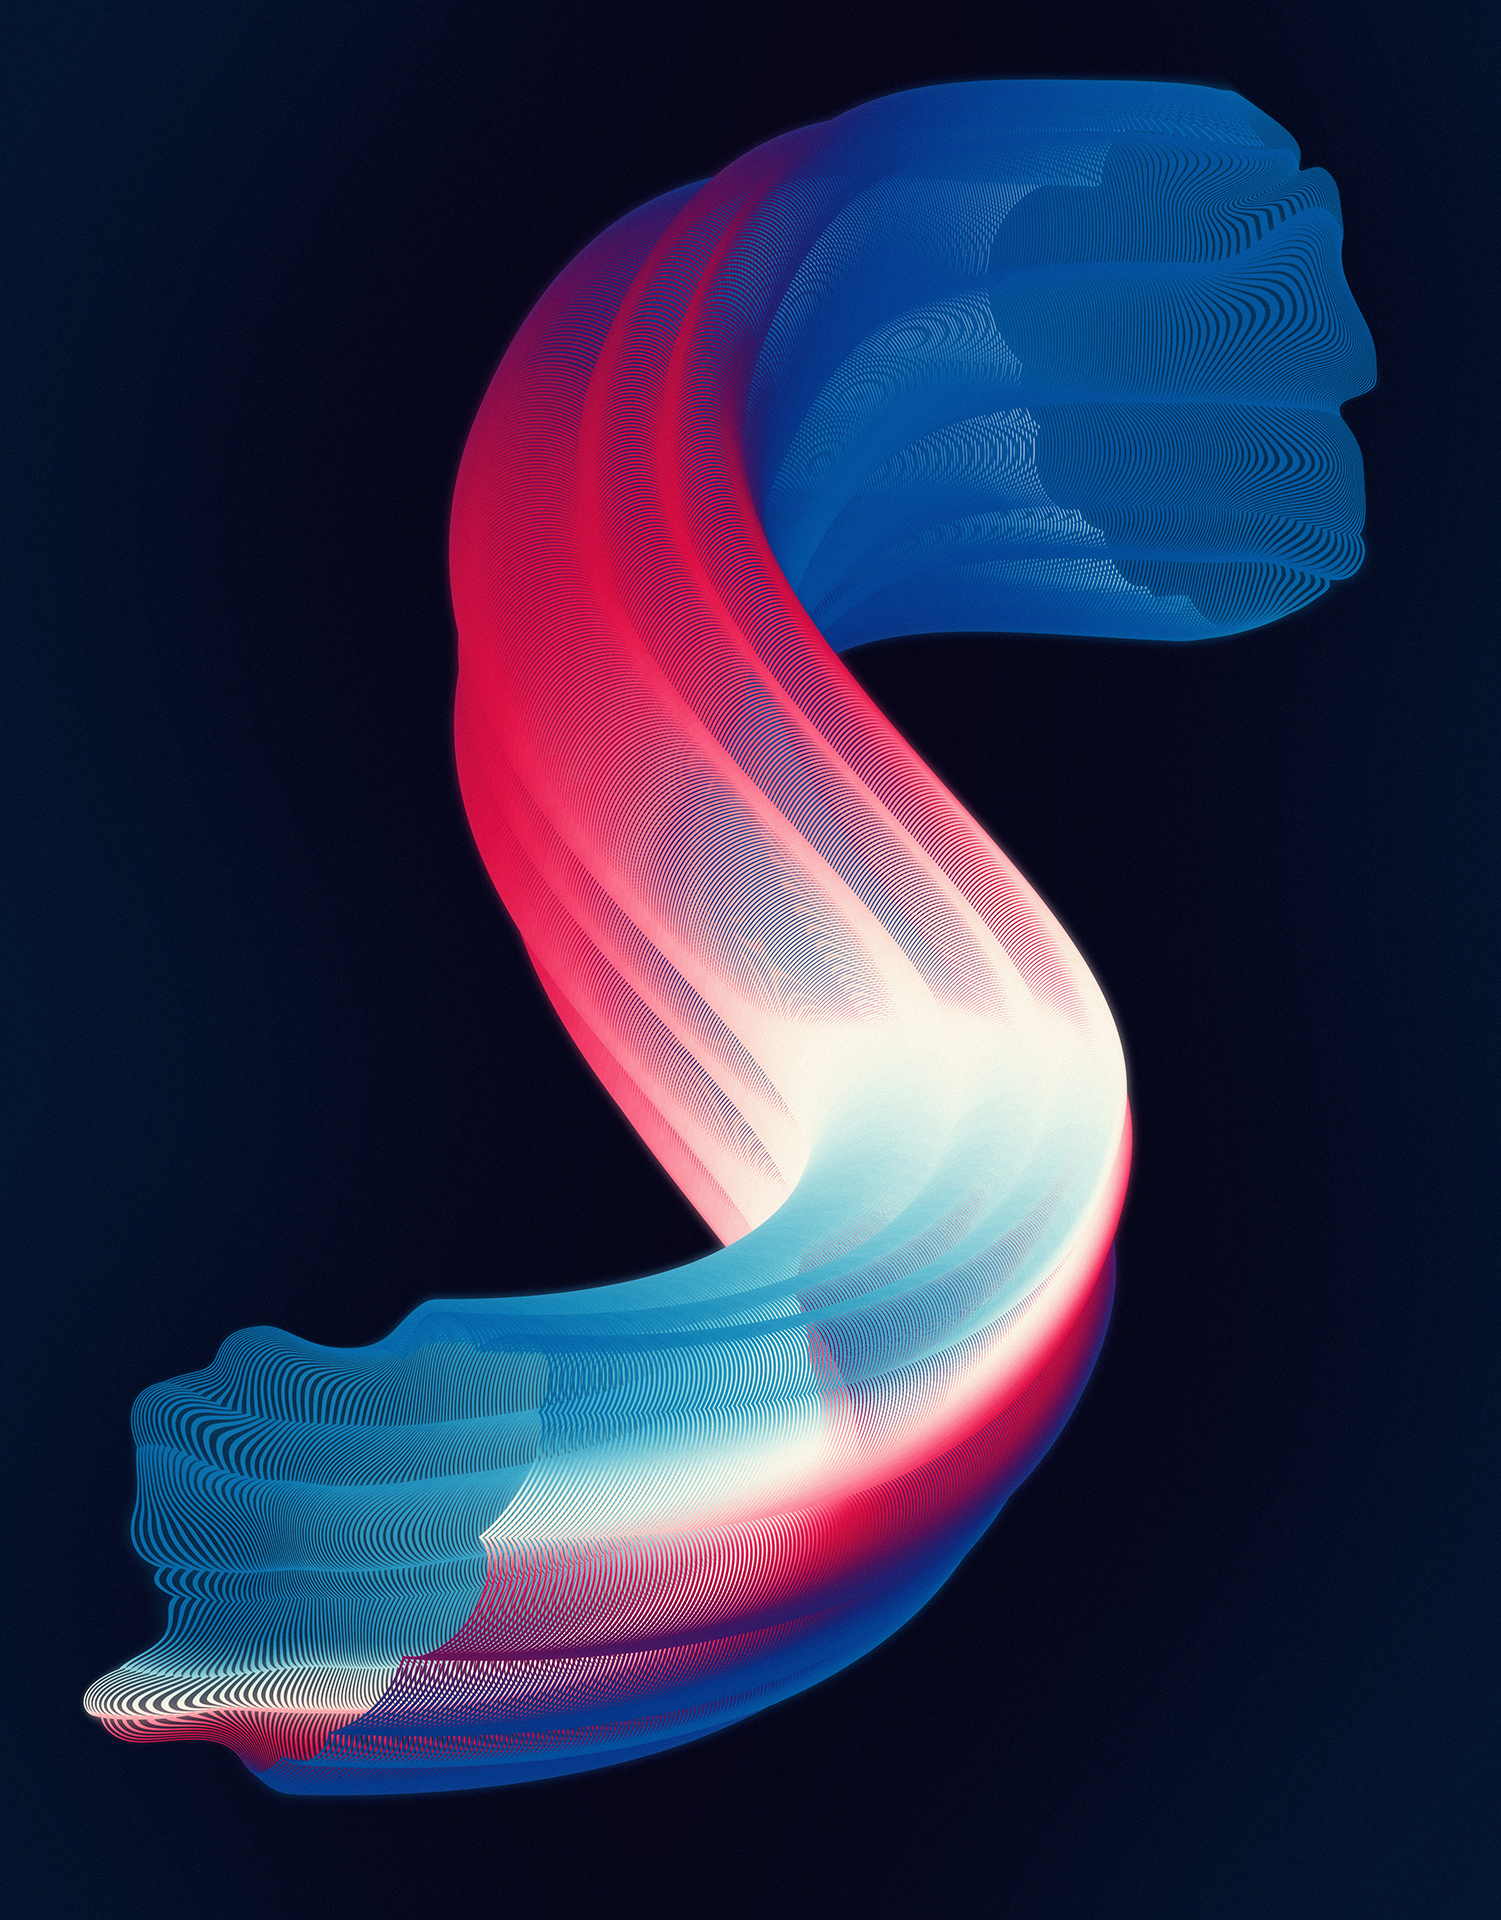 The Cool Couple, The Worm, 2018, stampa a getto d'inchiostro su carta baritata, cm 70 x 55